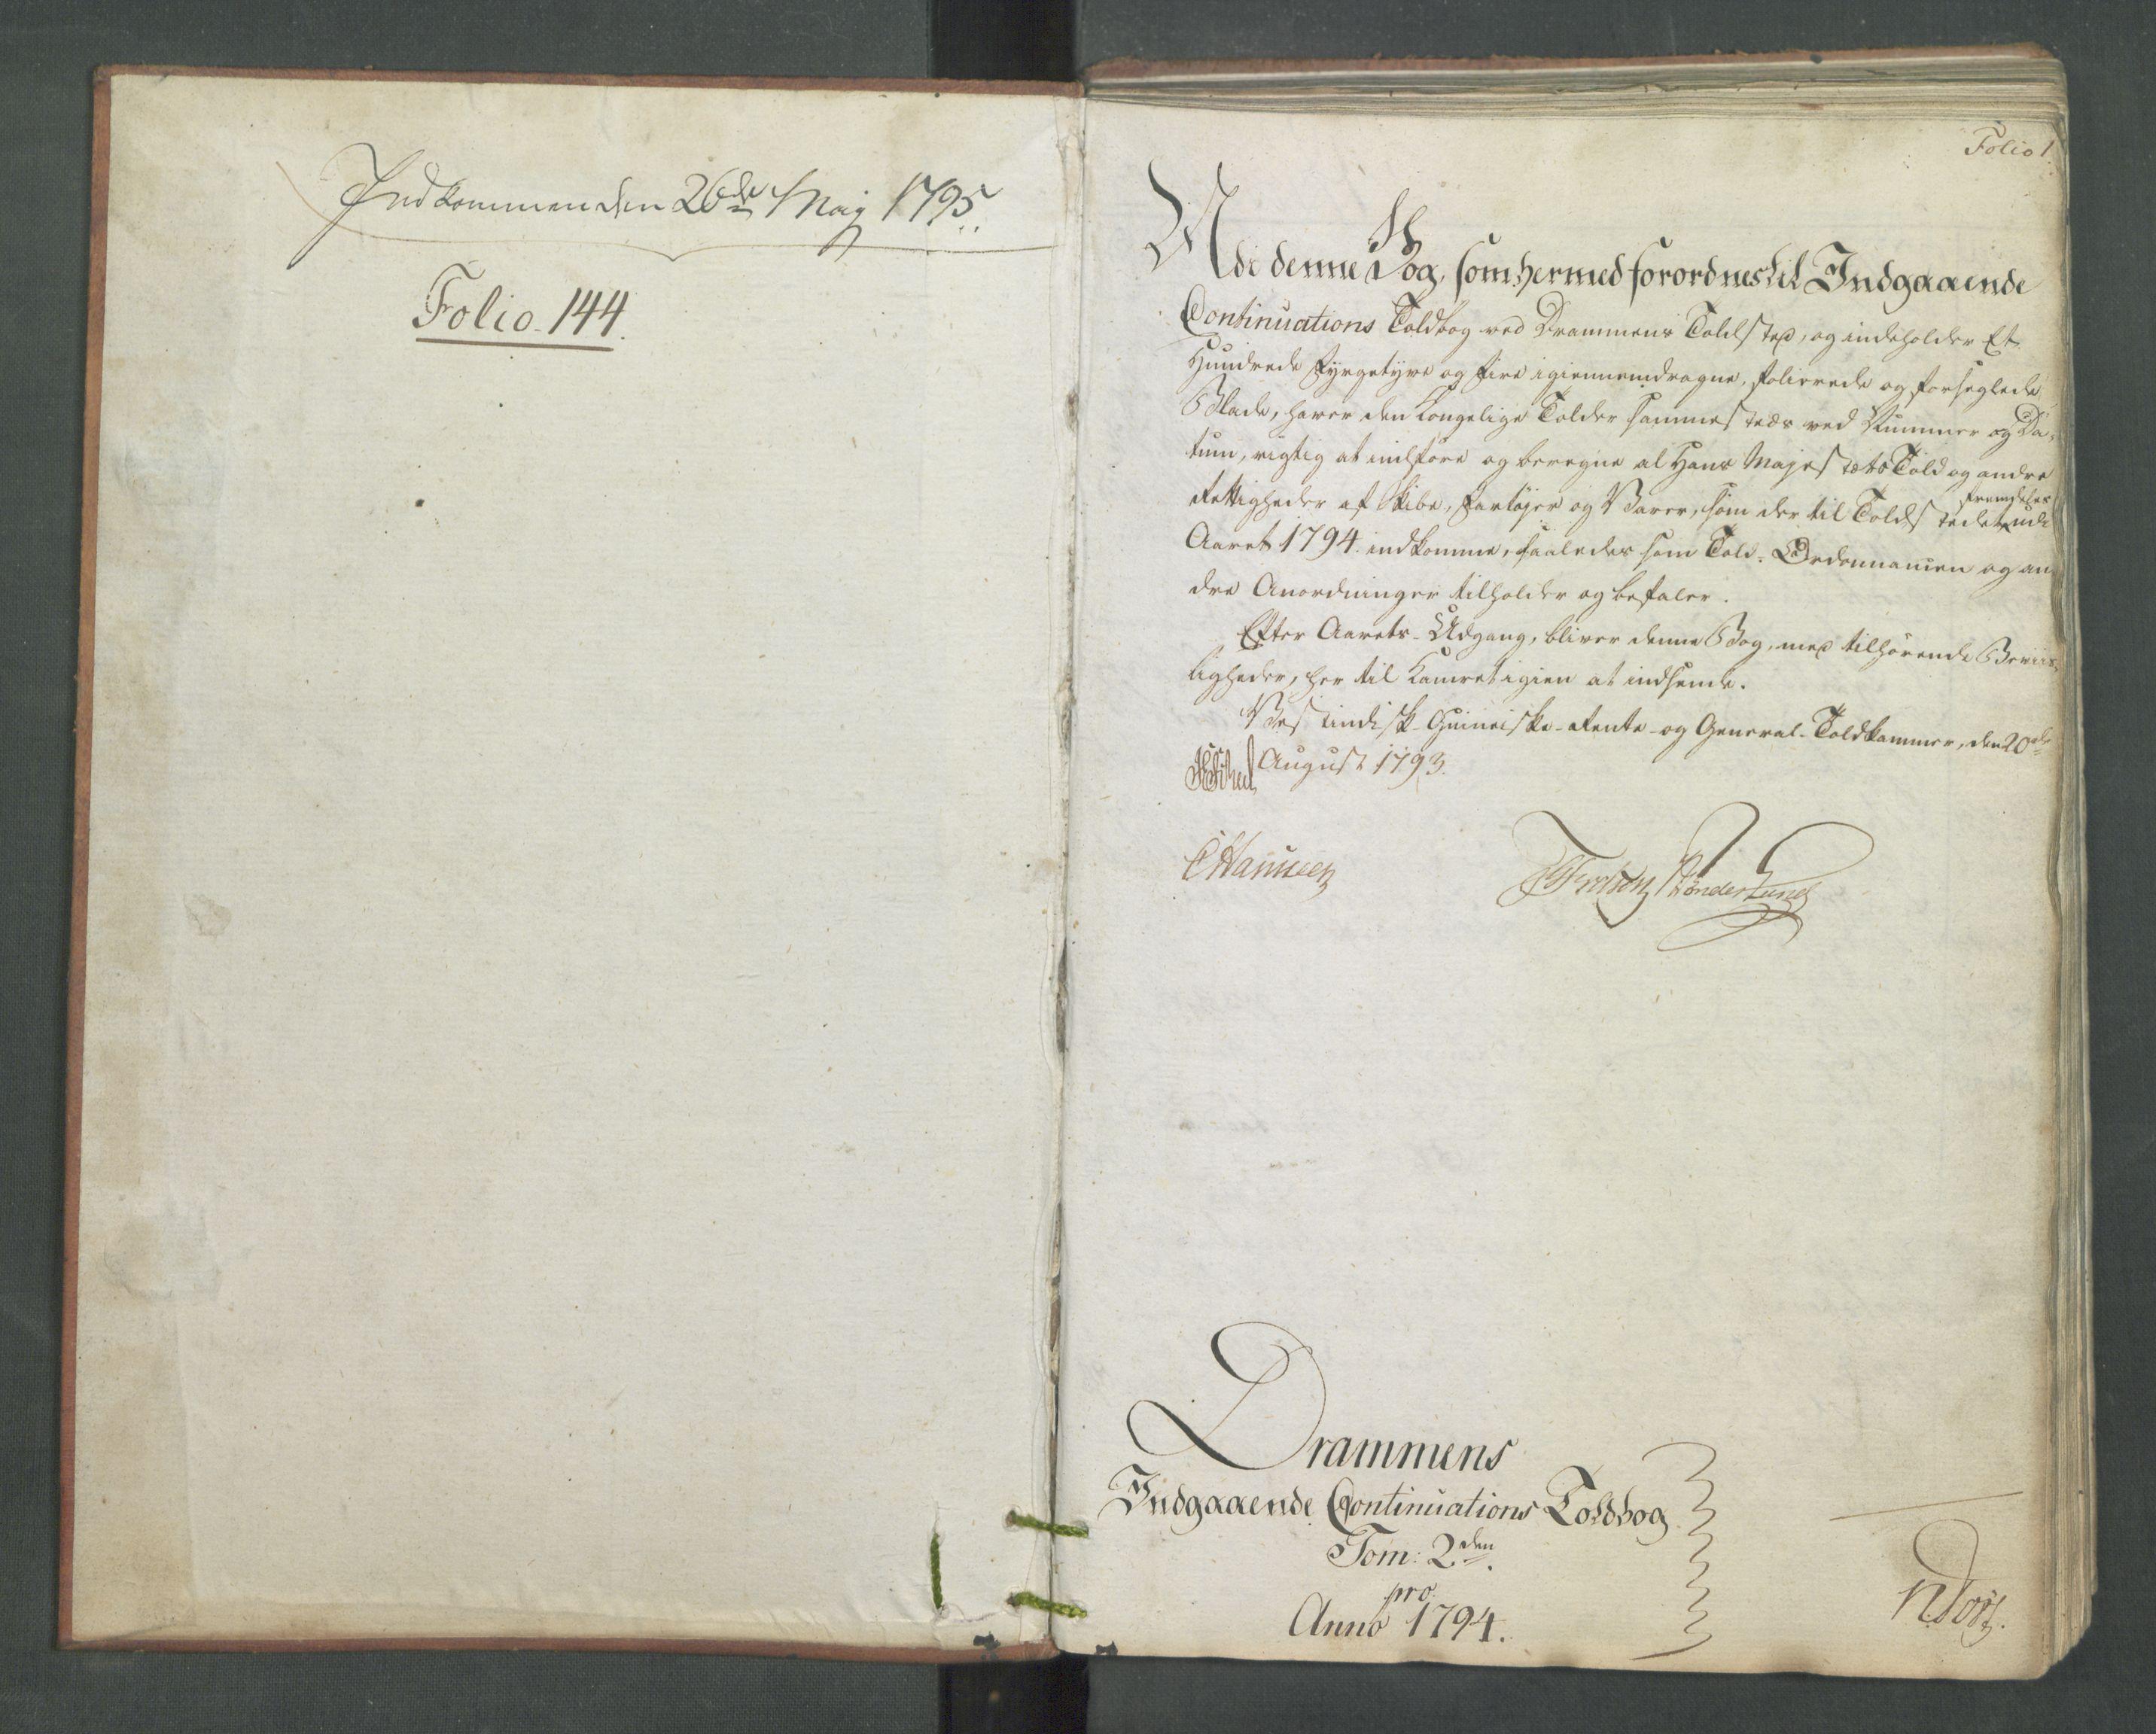 RA, Generaltollkammeret, tollregnskaper, R08/L0174: Tollregnskaper Drammen, 1794, p. 1a